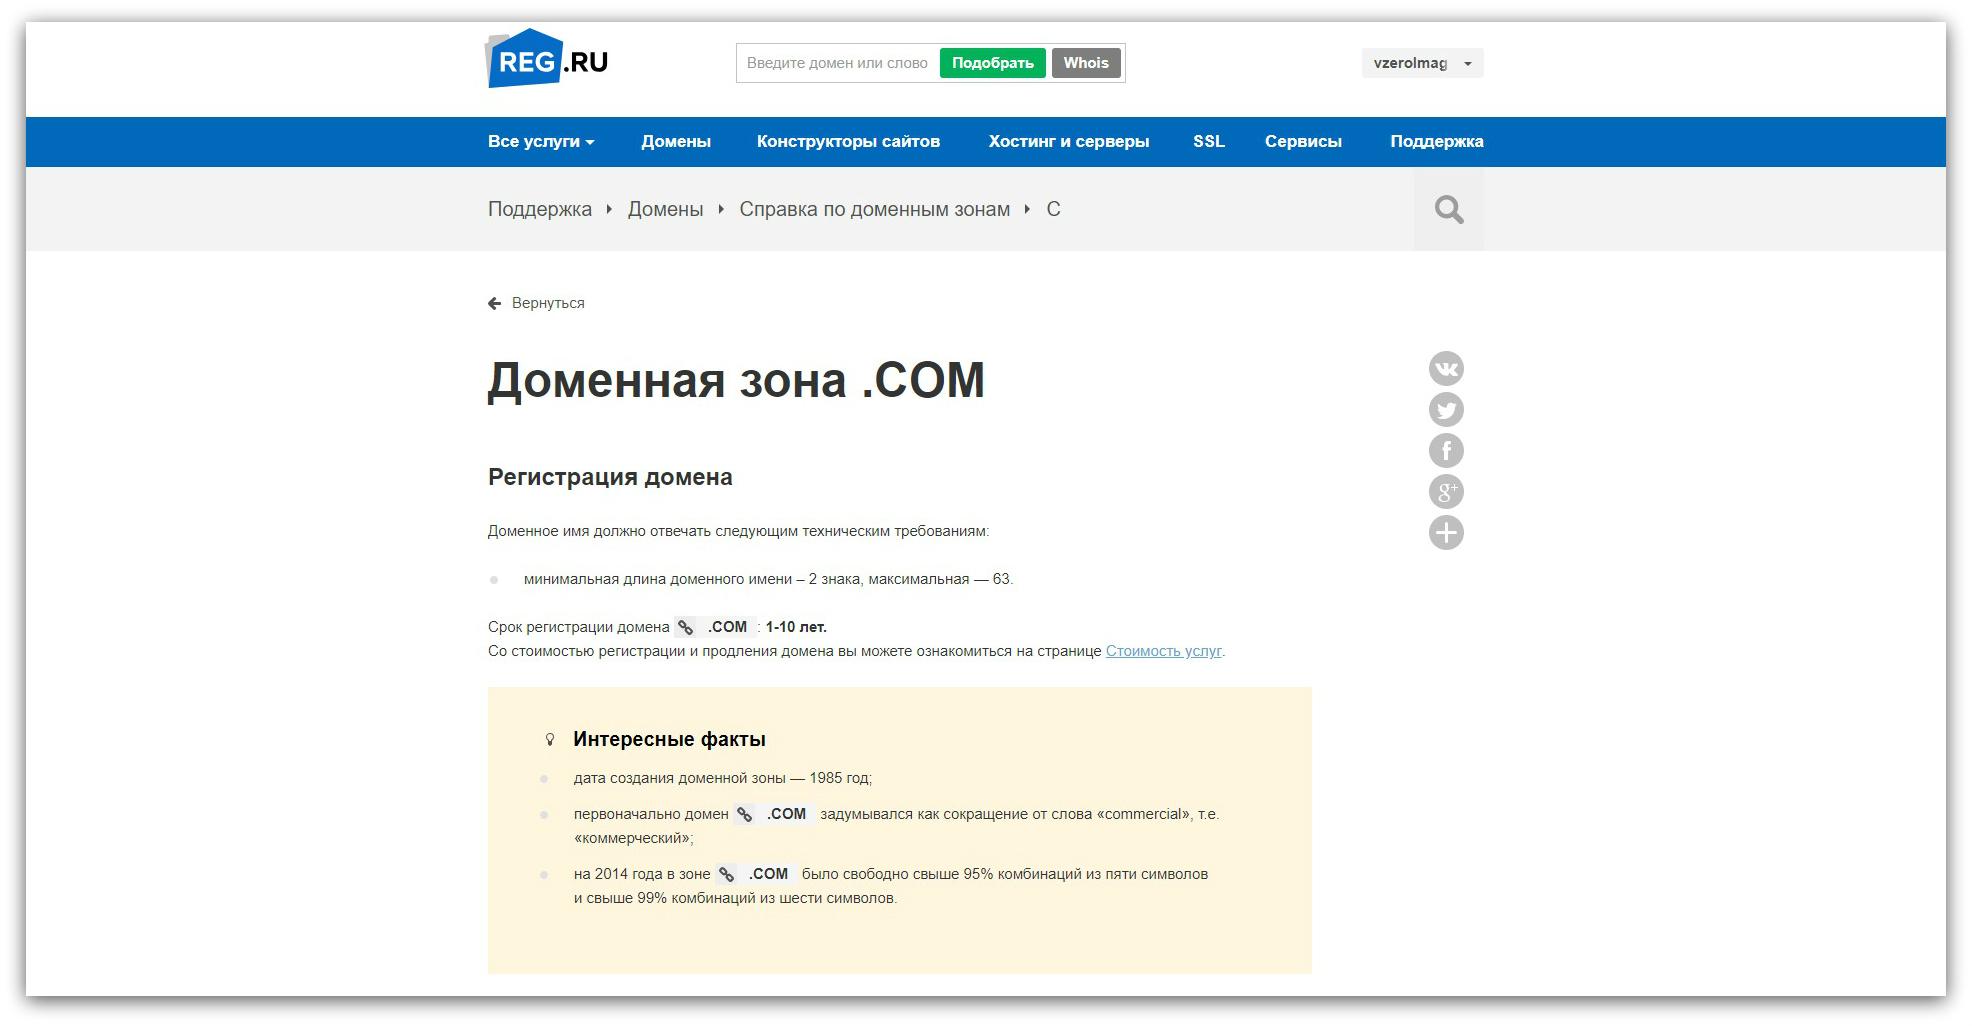 агава регистрация домена